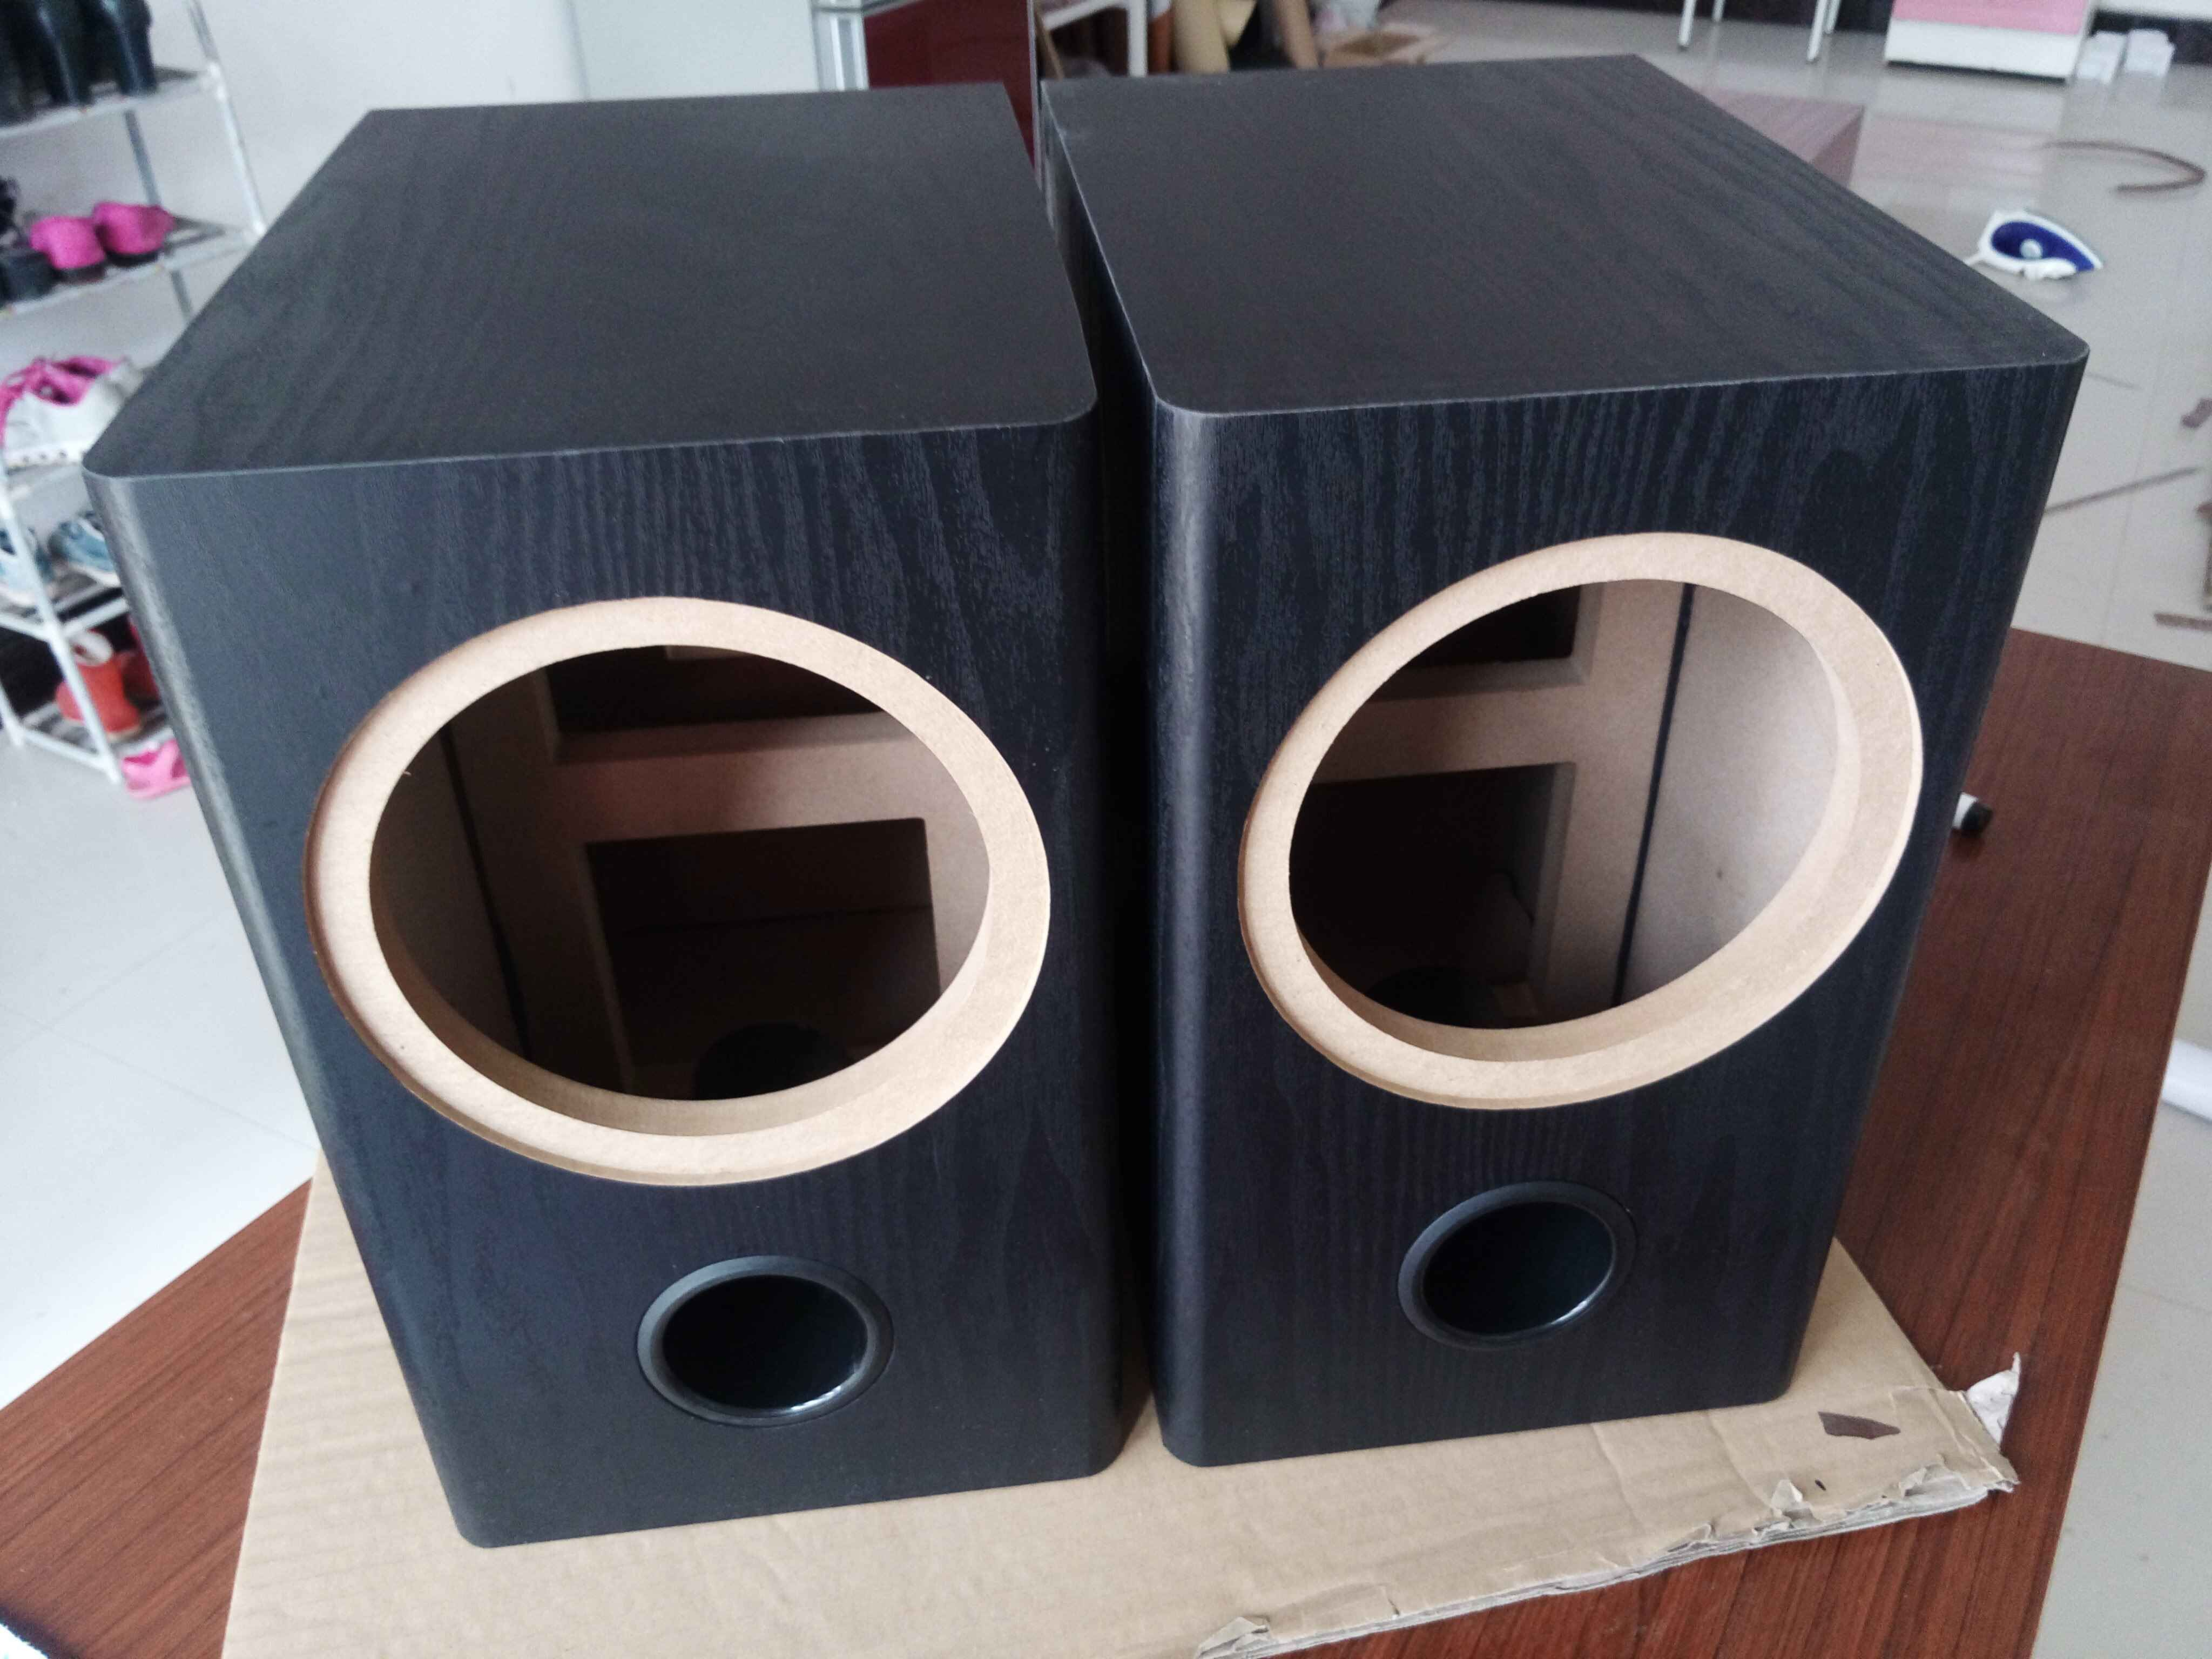 Des canons 456.58101215 pouces de basse fréquence étagère du Haut - parleur audio personnalisé de la boîte vide d'atterrissage